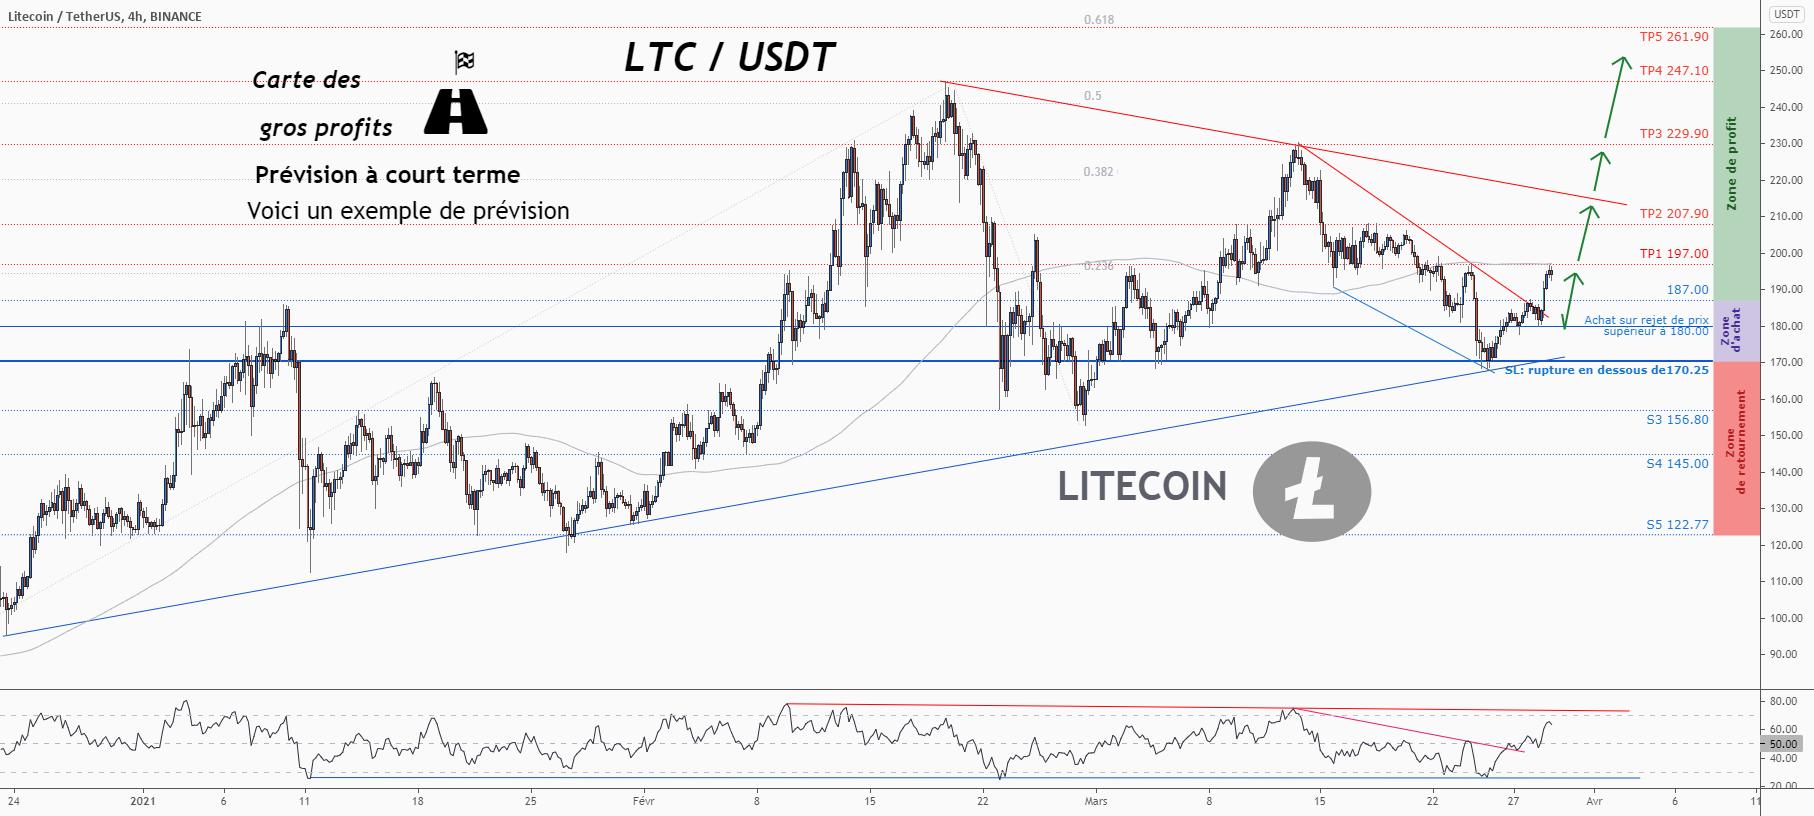 💡C'est une grande opportunité d'achat sur LTCUSD pour BINANCE:LTCUSDT par ForecastCity_Francais